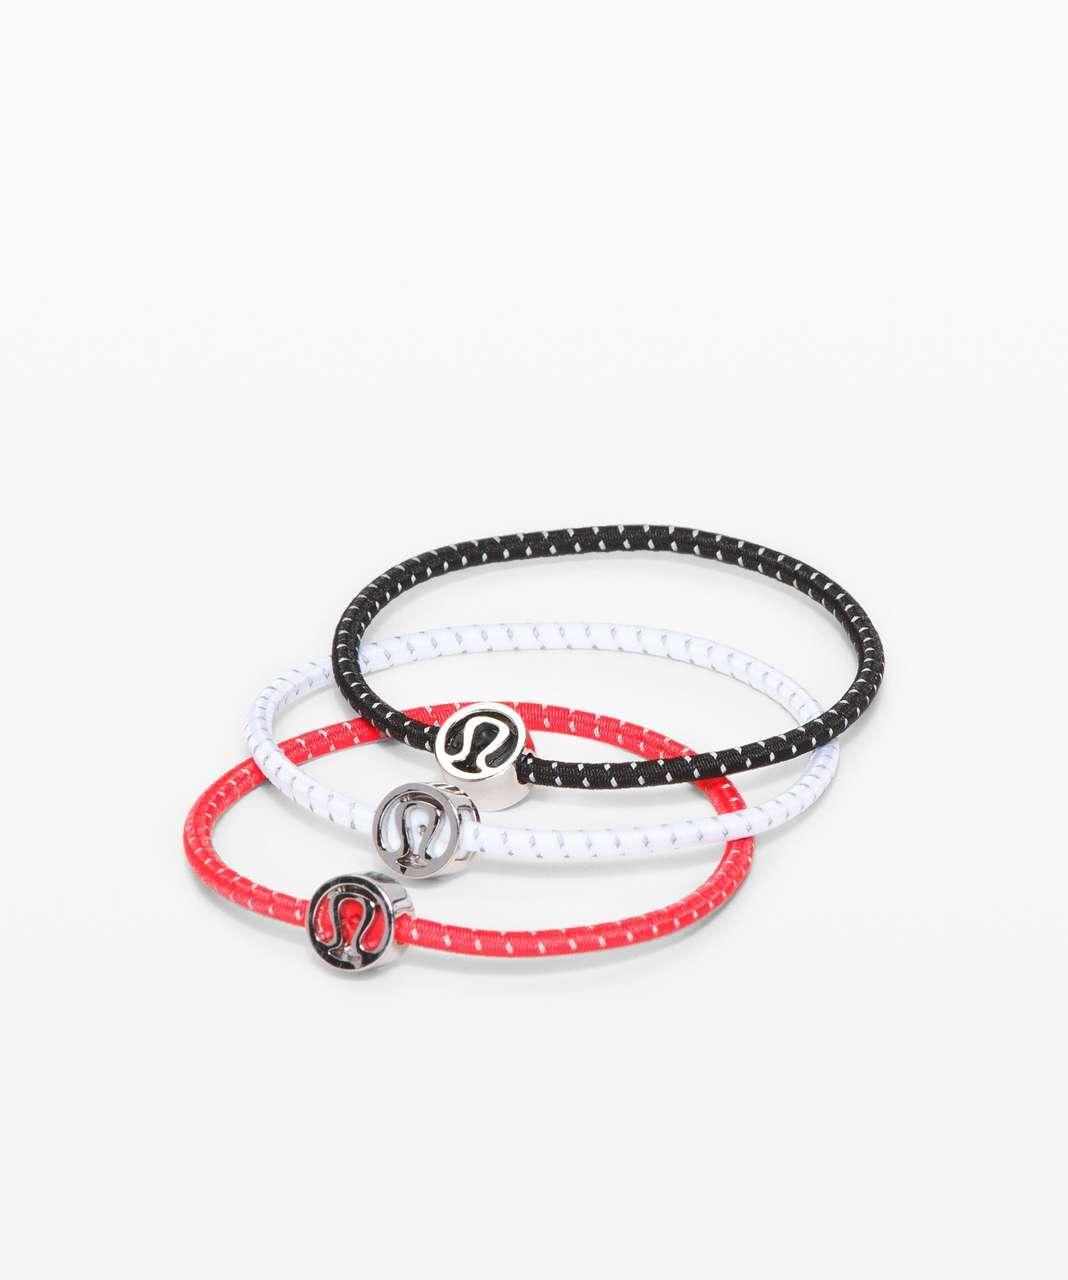 Lululemon Glow On Hair Ties - Black / Carnation Red / White